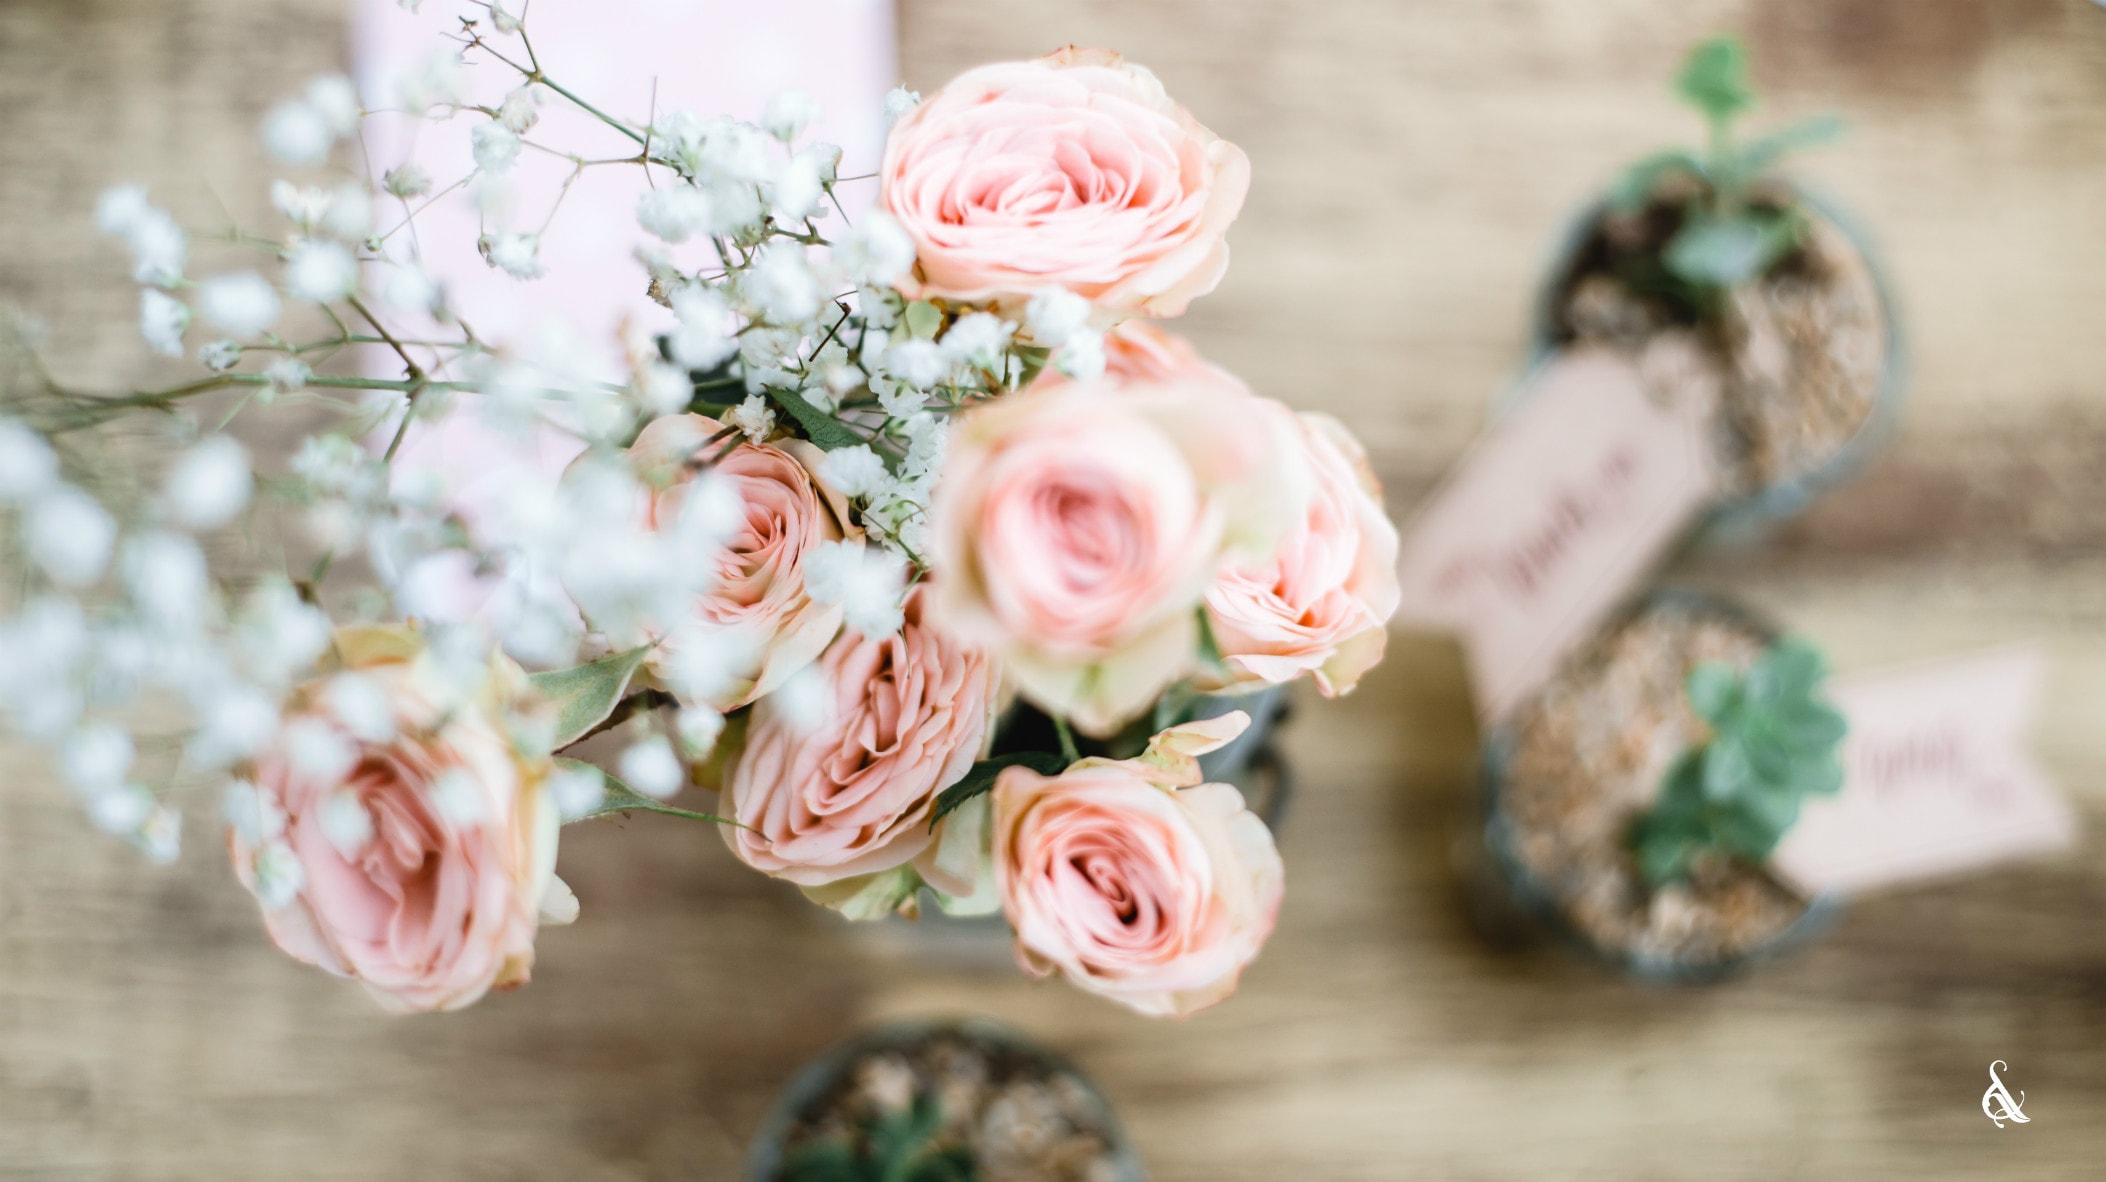 Caro & Jaime - Fotografía de matrimonio de decoración